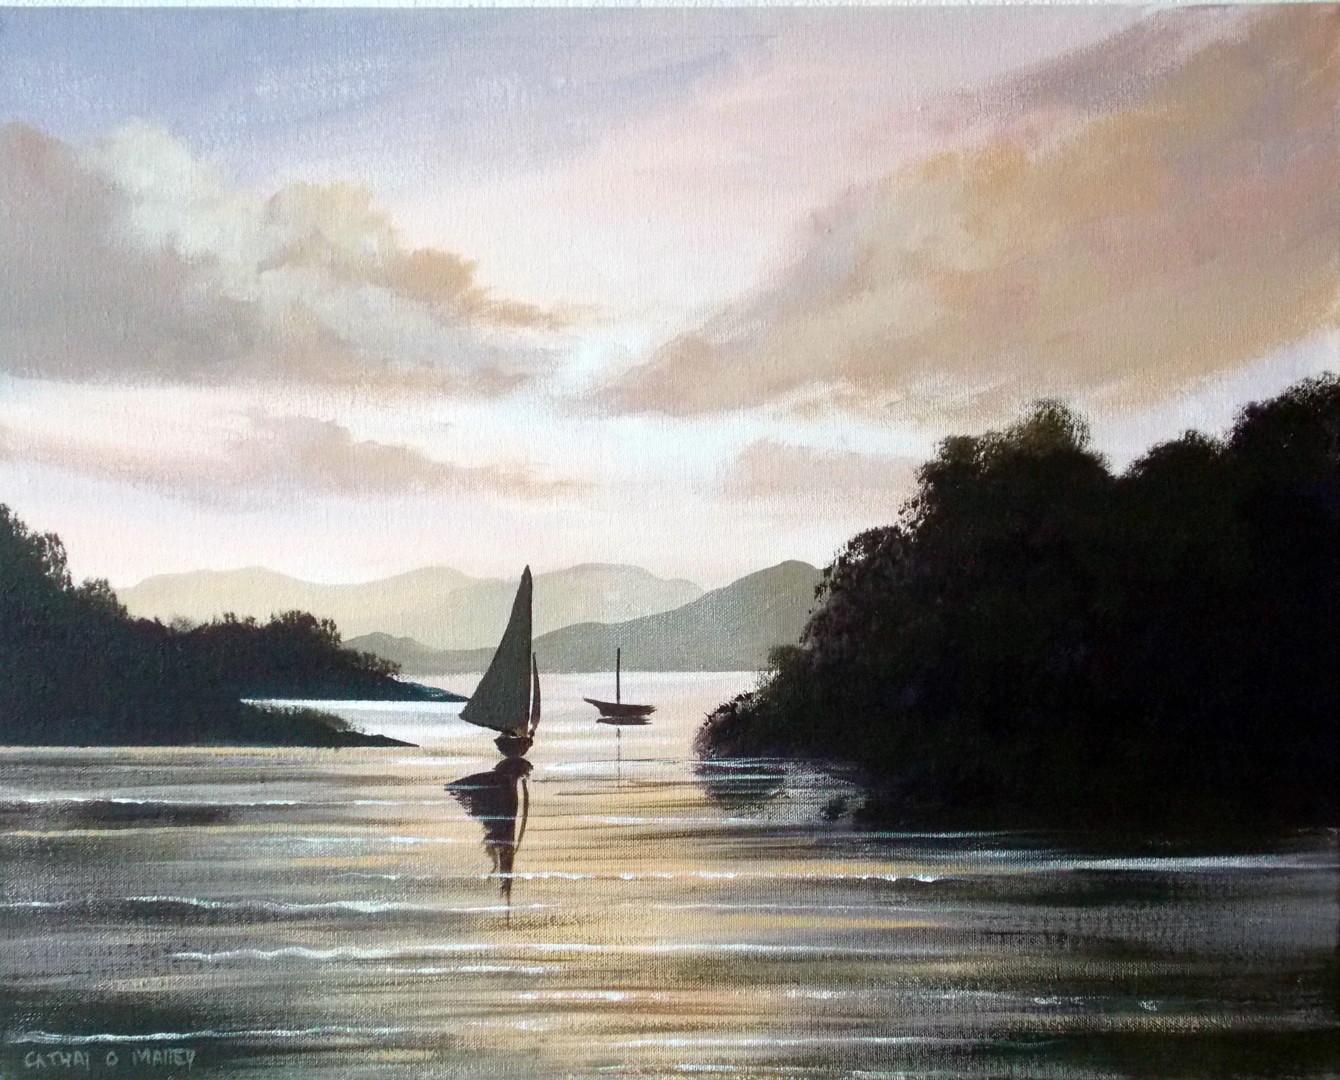 Cathal O Malley - sailing